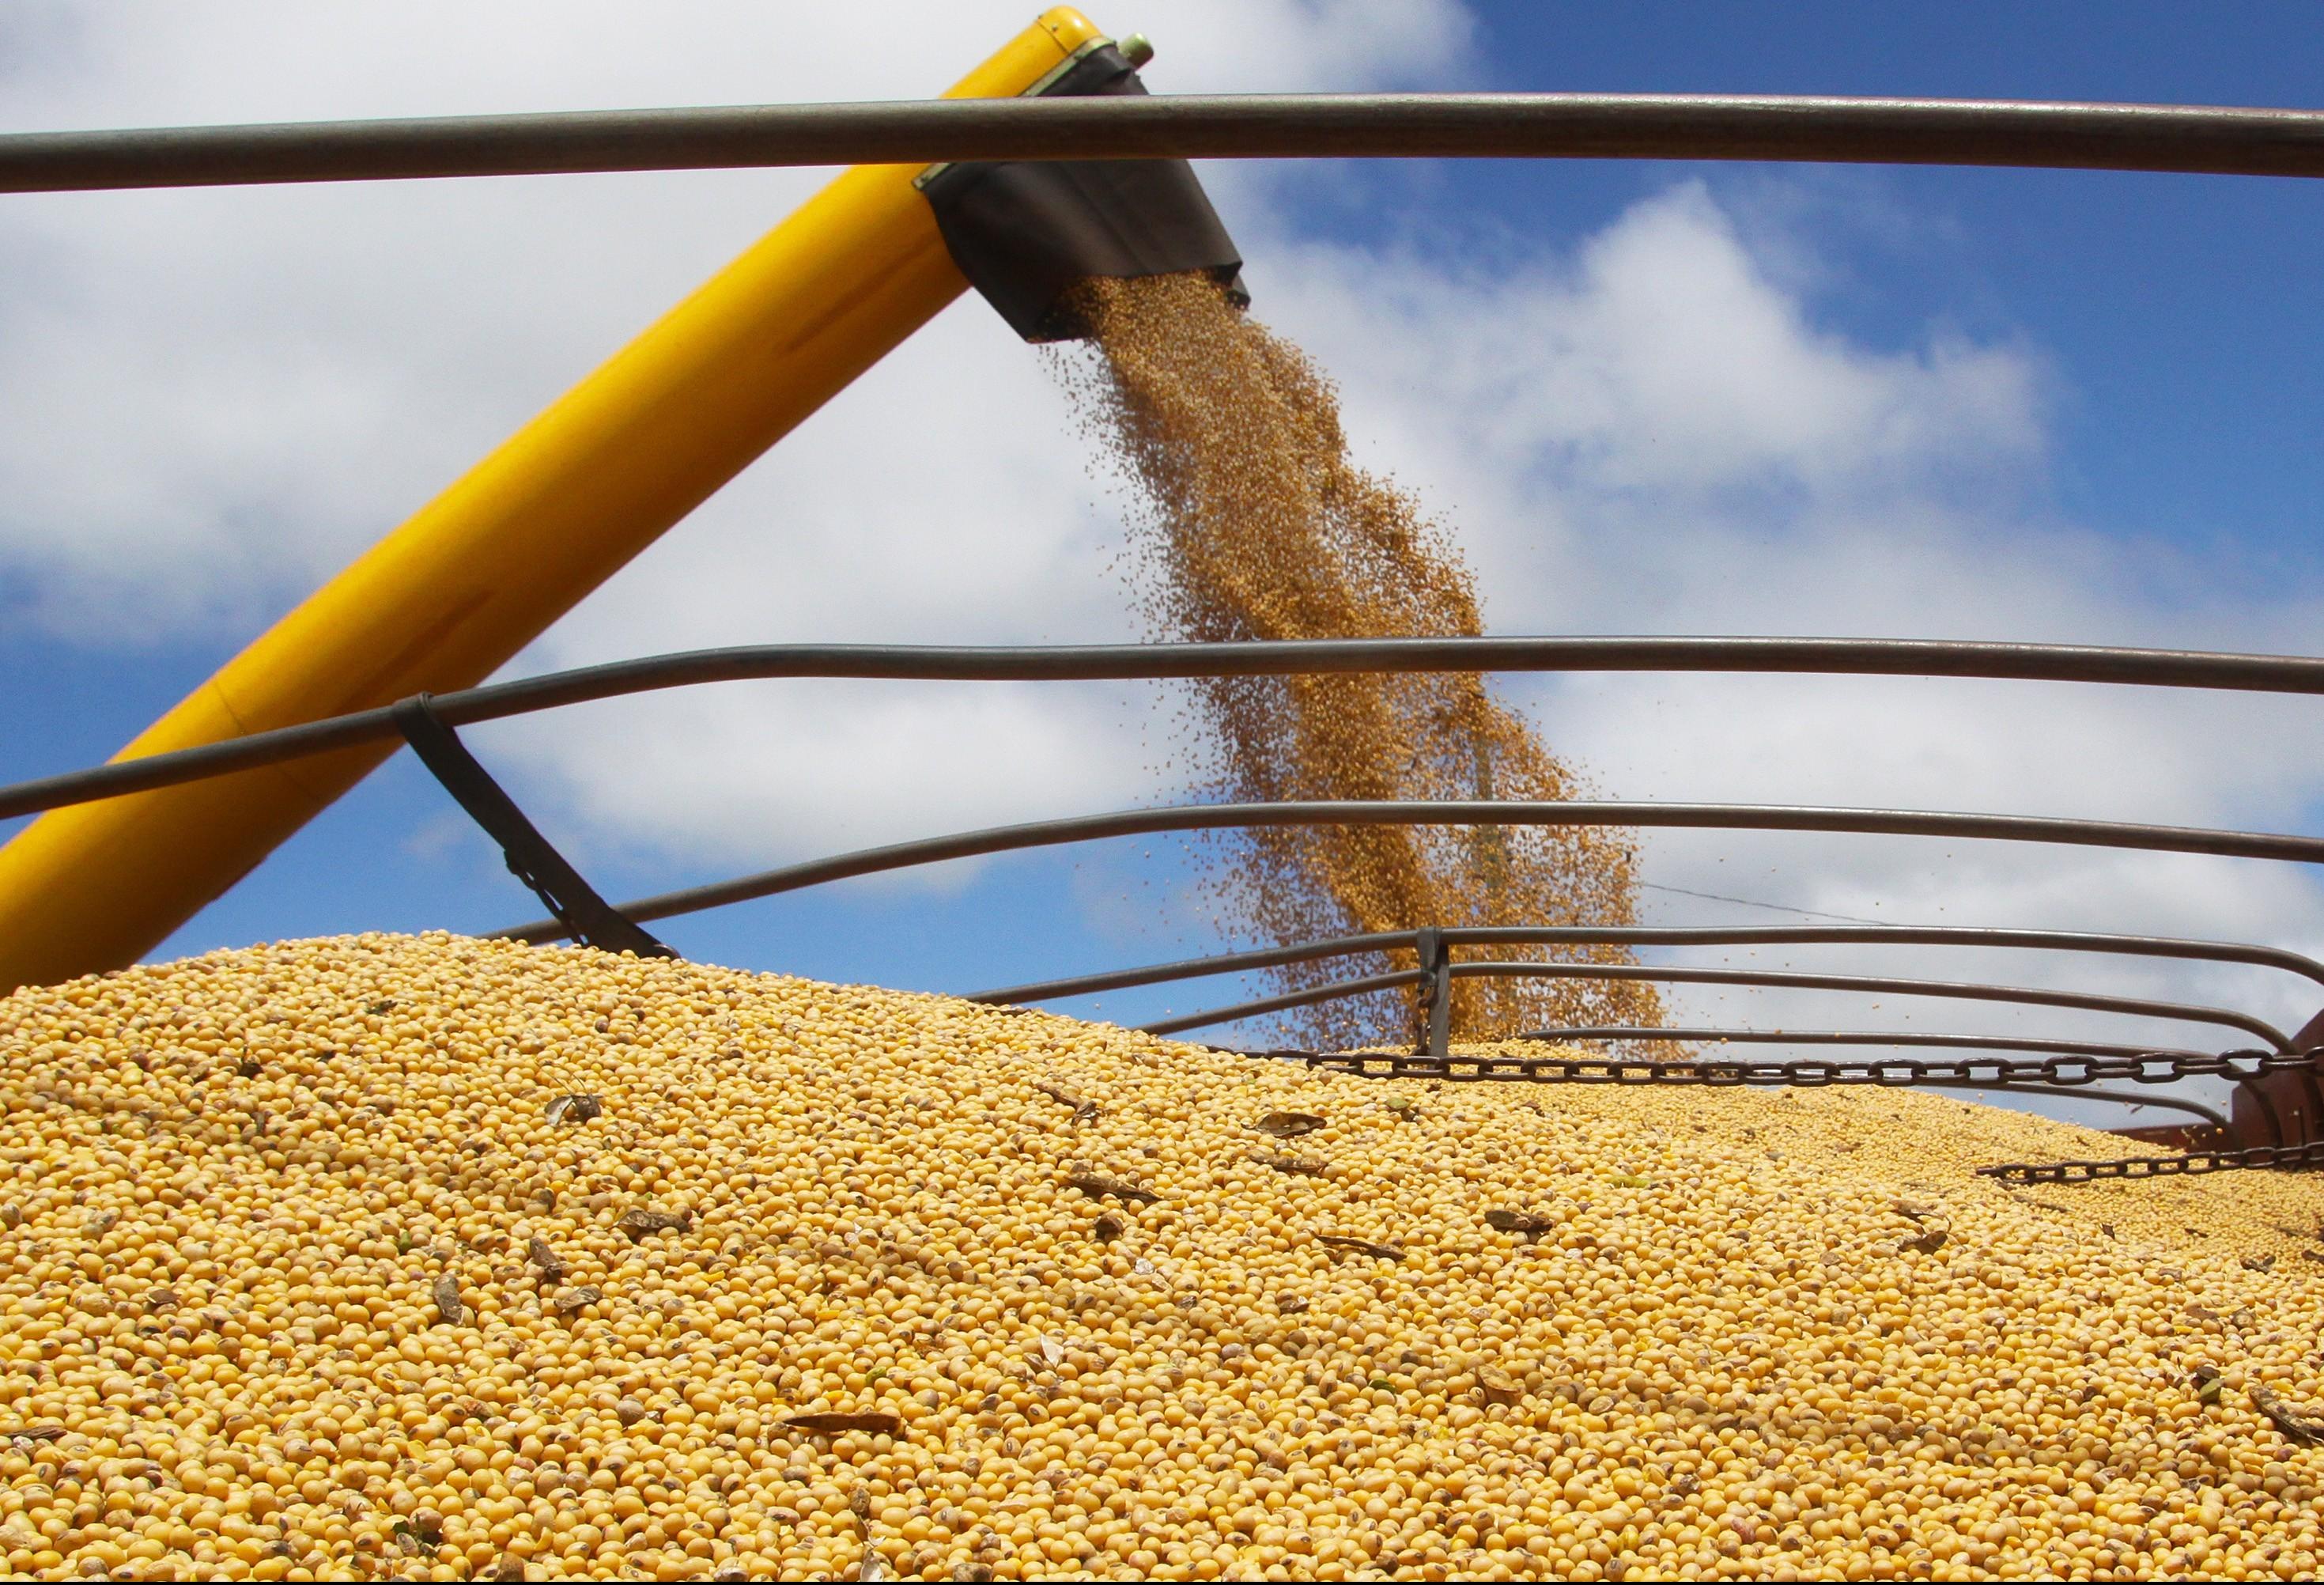 Safra recorde garantiu crescimento de 13% da agropecuária em 2017